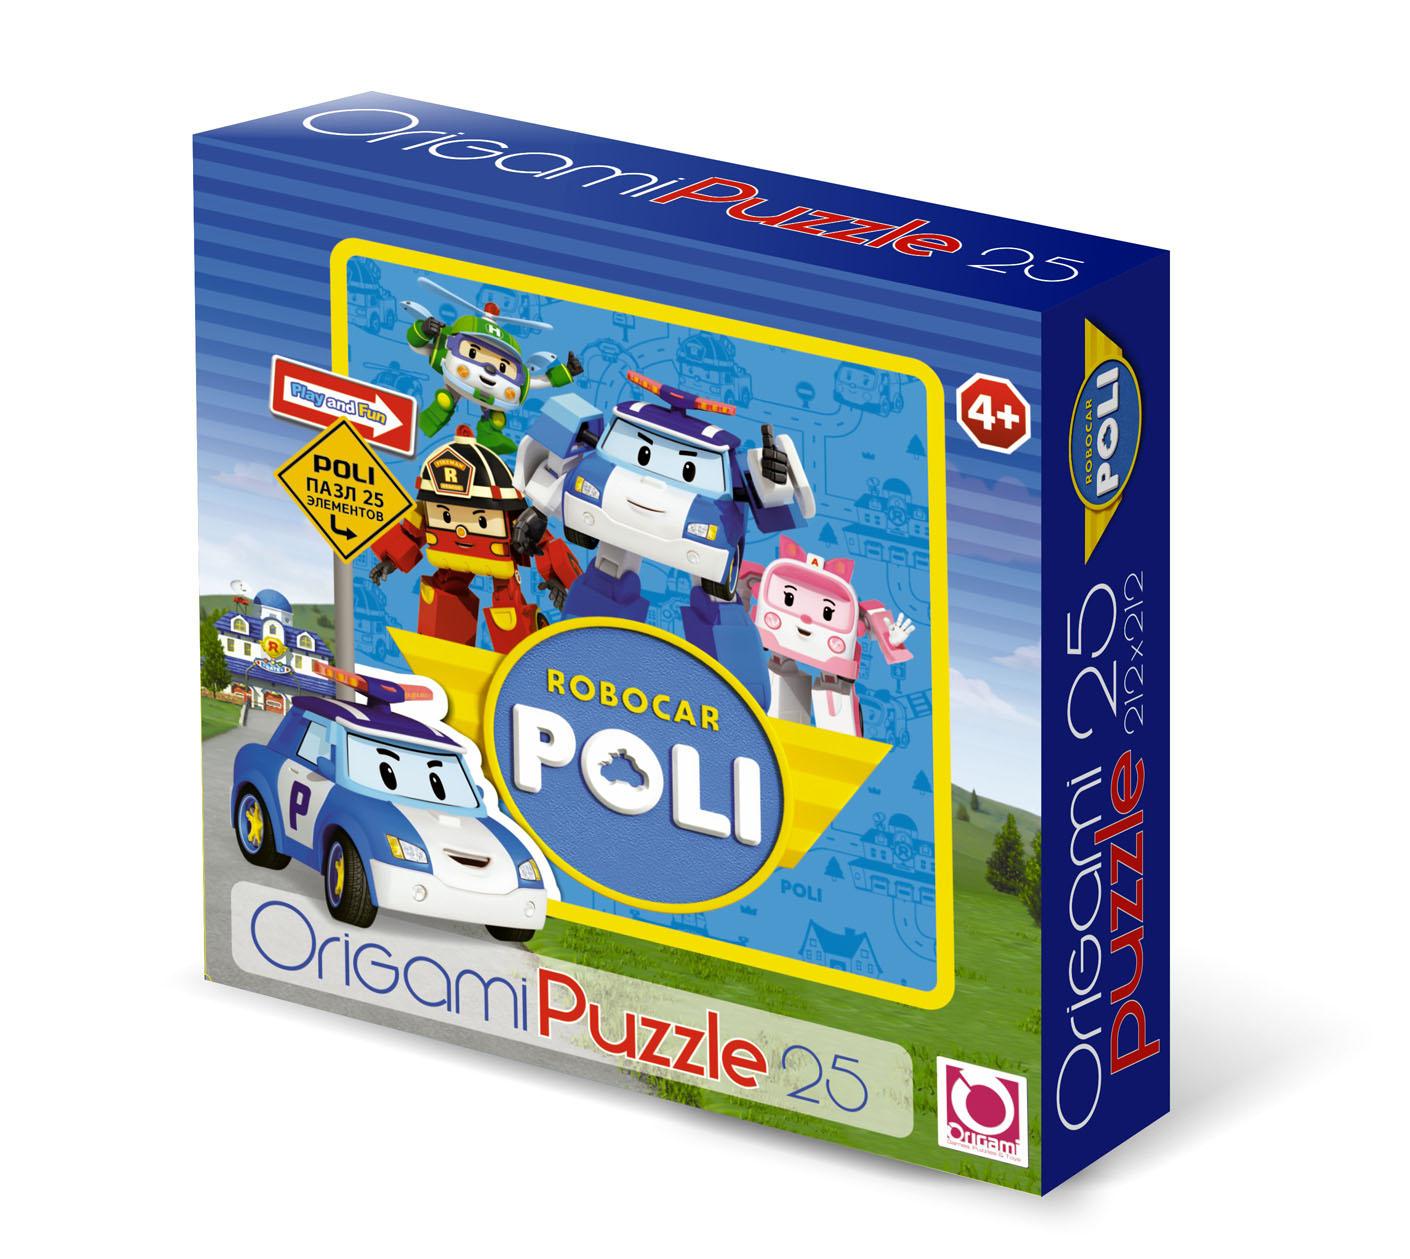 Паззл Robocar Poli 25 элементовRobocar Poli. Робокар Поли и его друзья<br>Паззл Robocar Poli 25 элементов<br>